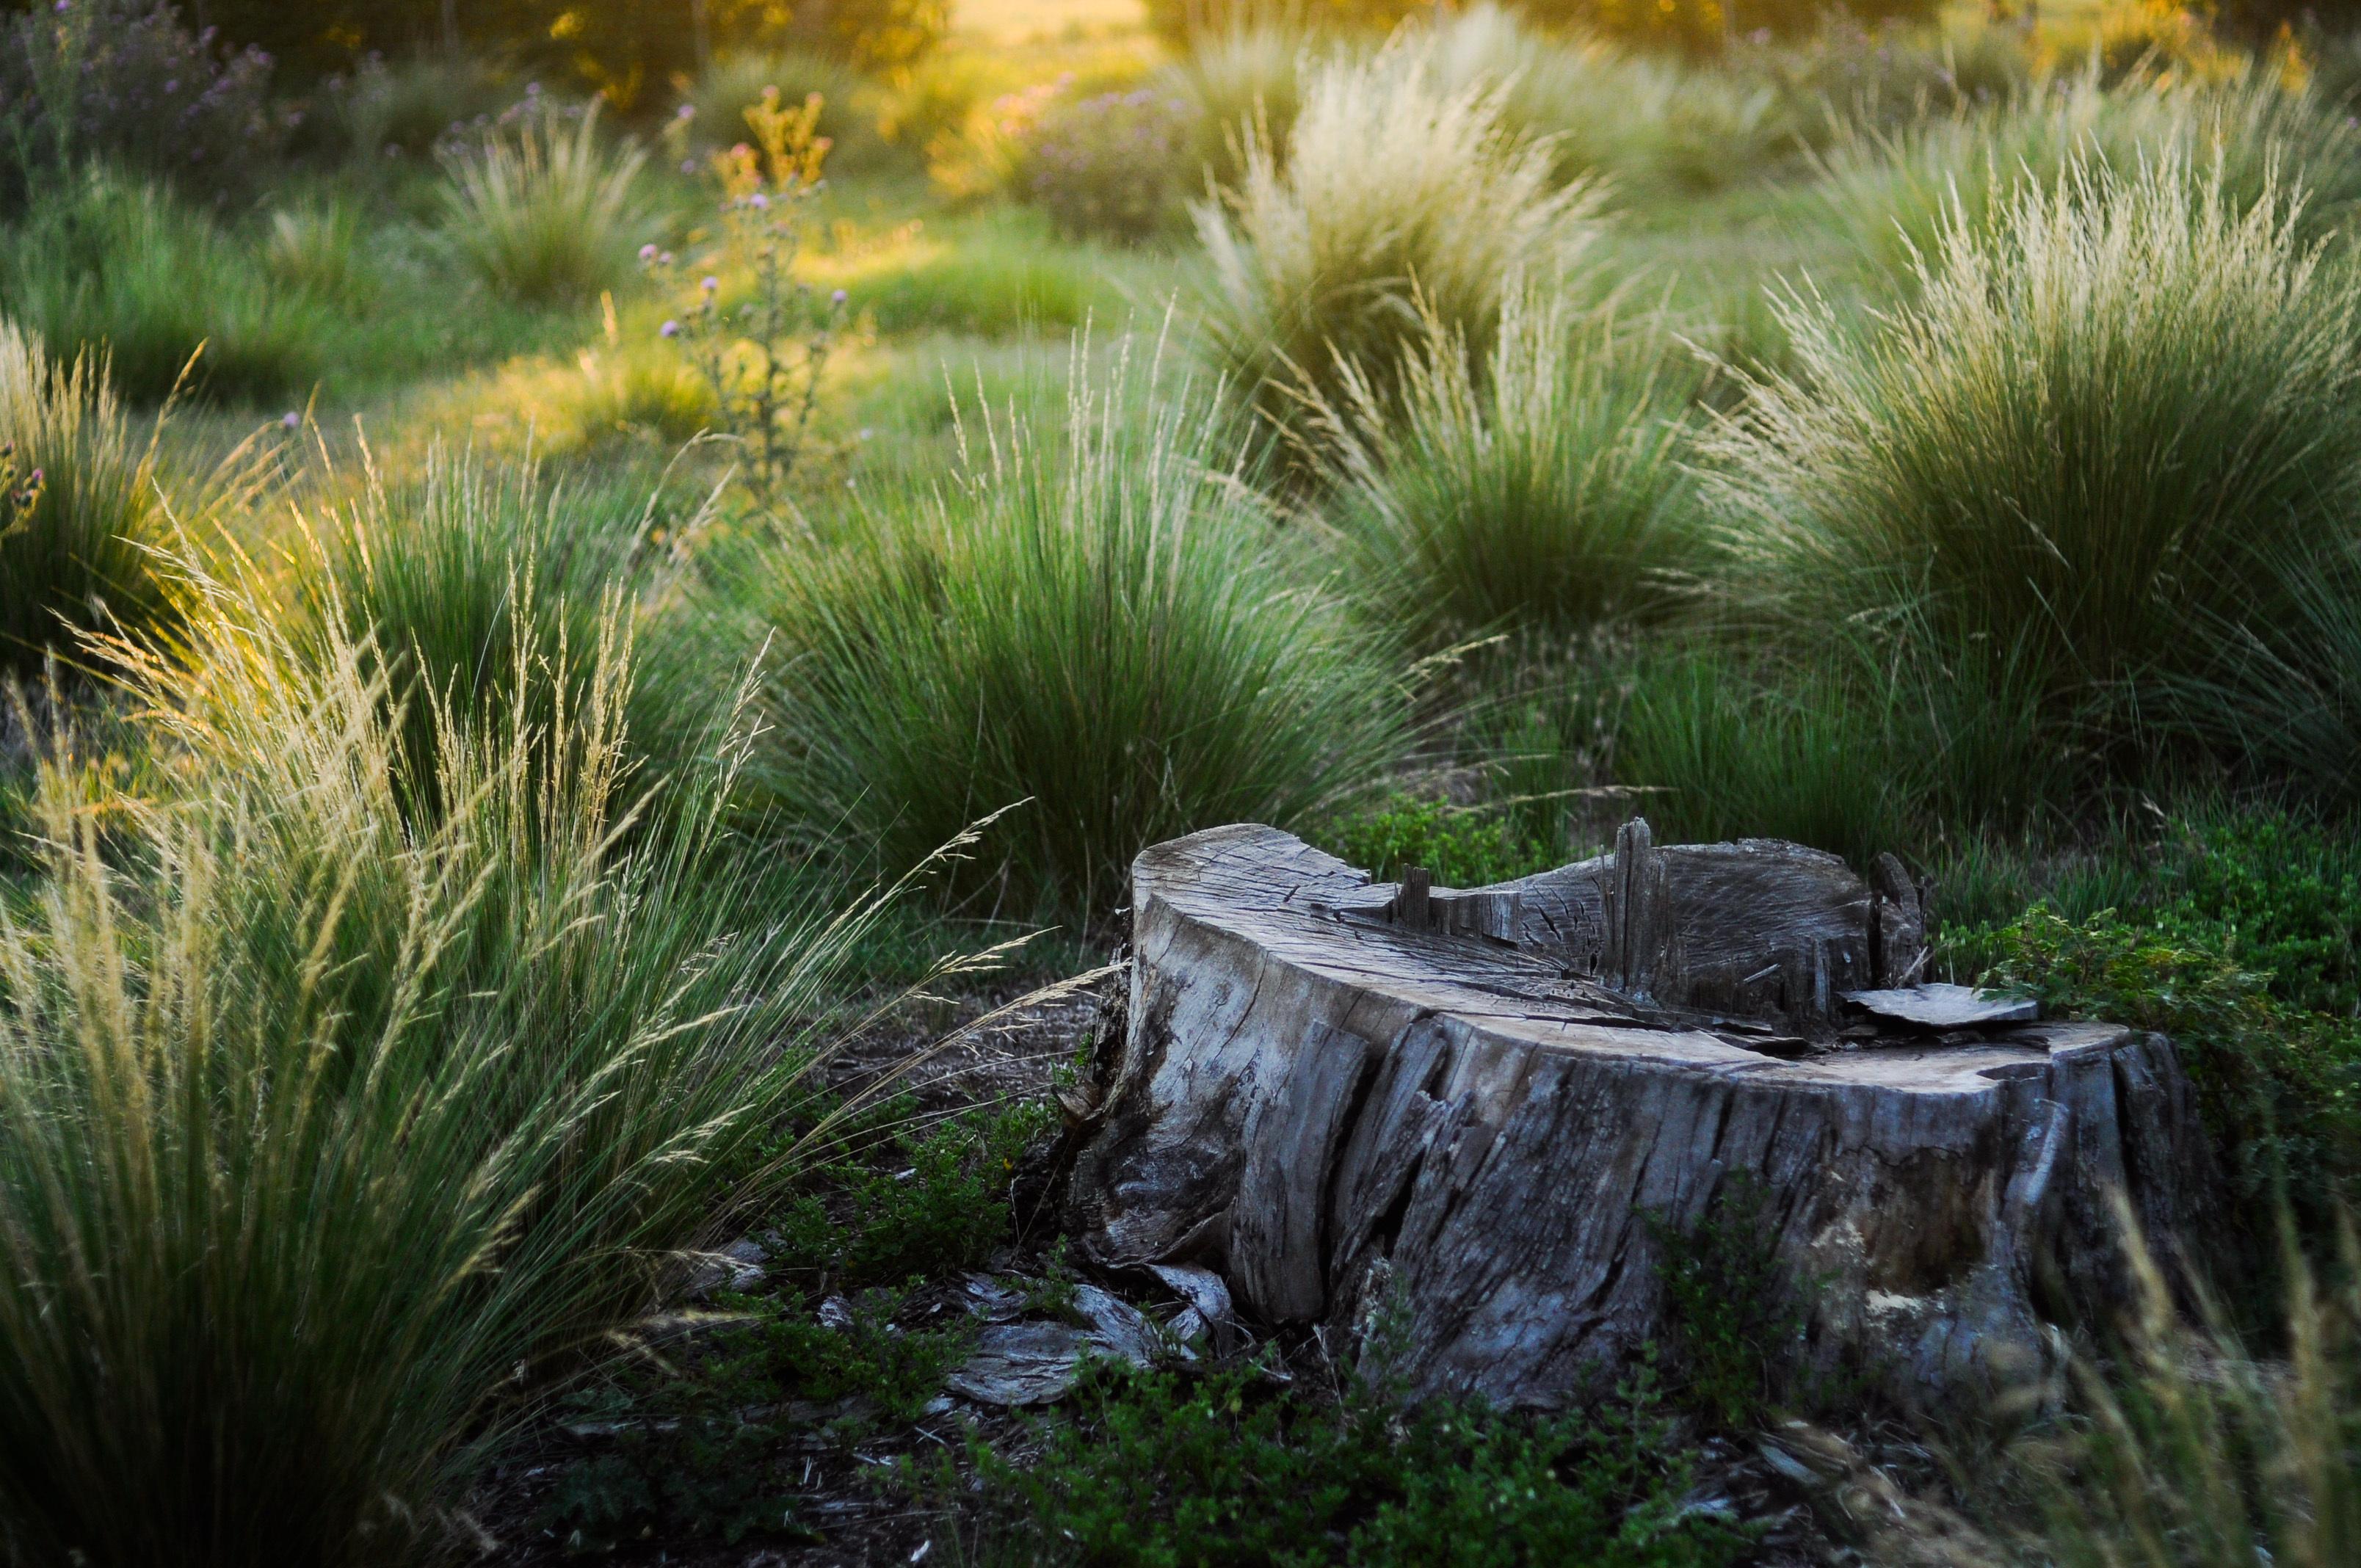 природа мох лестница трава деревья скачать